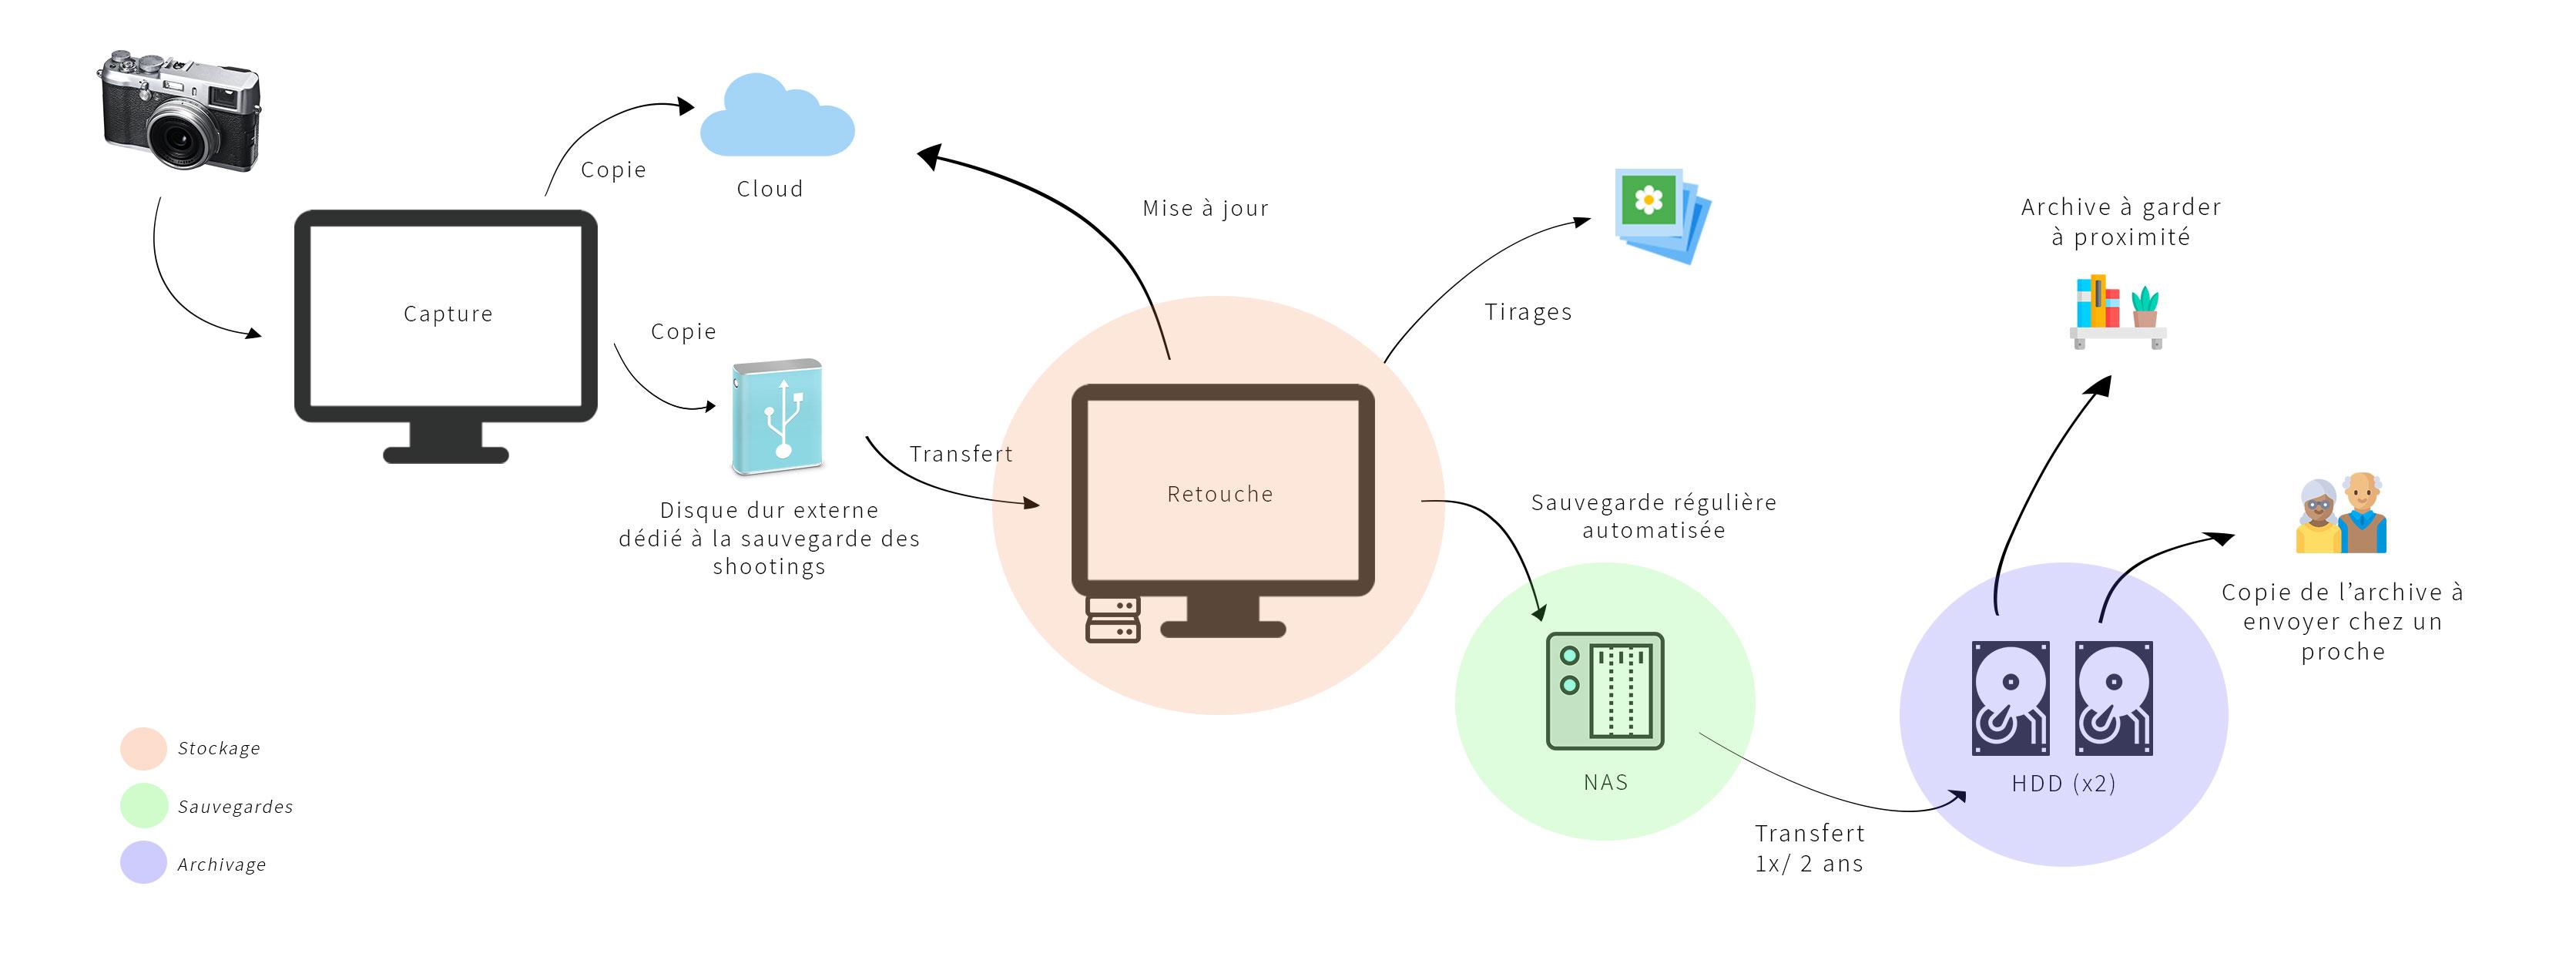 Workflow de sauvegarde pour les photographes, et gestion du flux de données